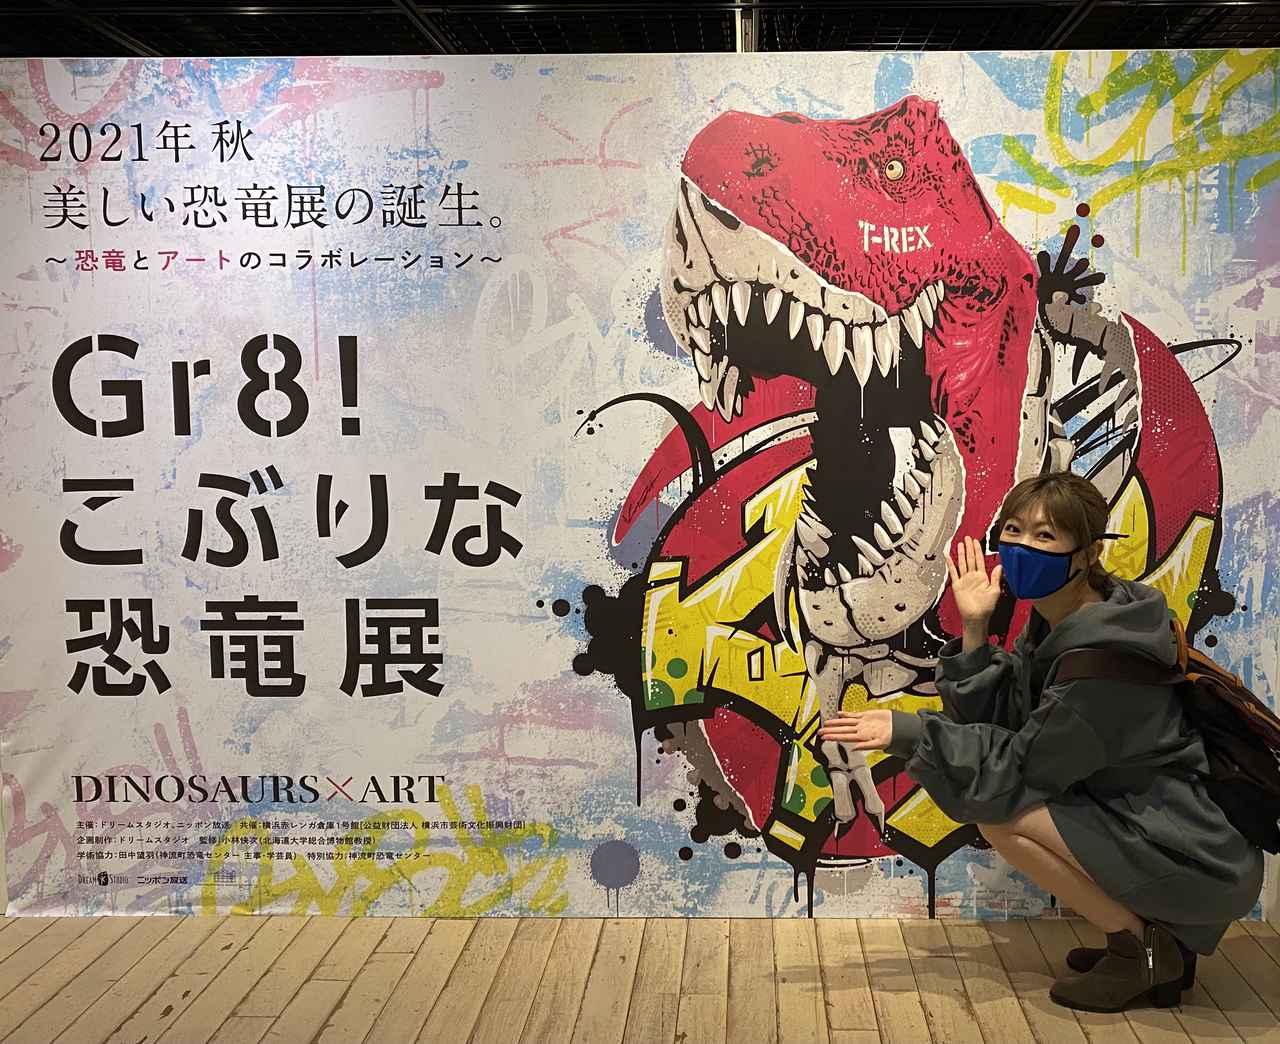 画像1: 『こぶりな恐竜展』